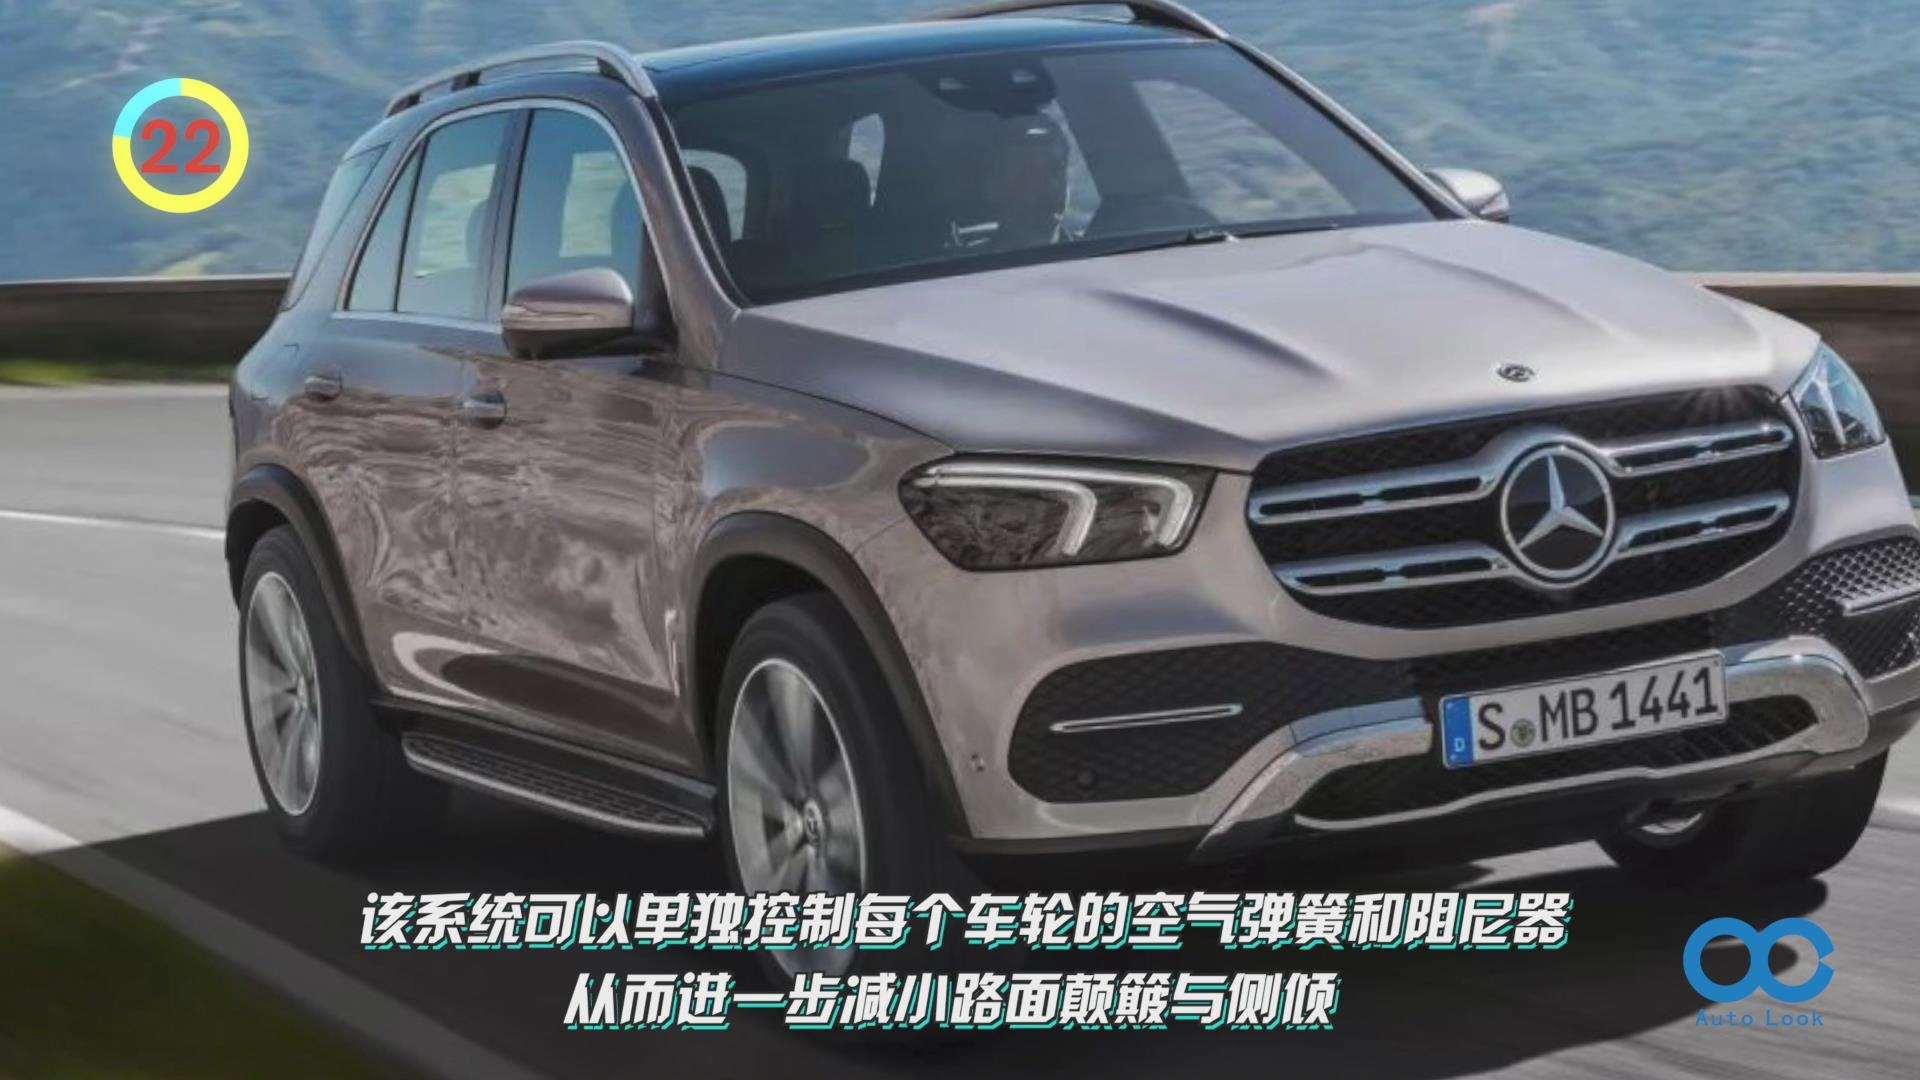 【百秒看车】奔驰GLE国内上市72.78万元起售